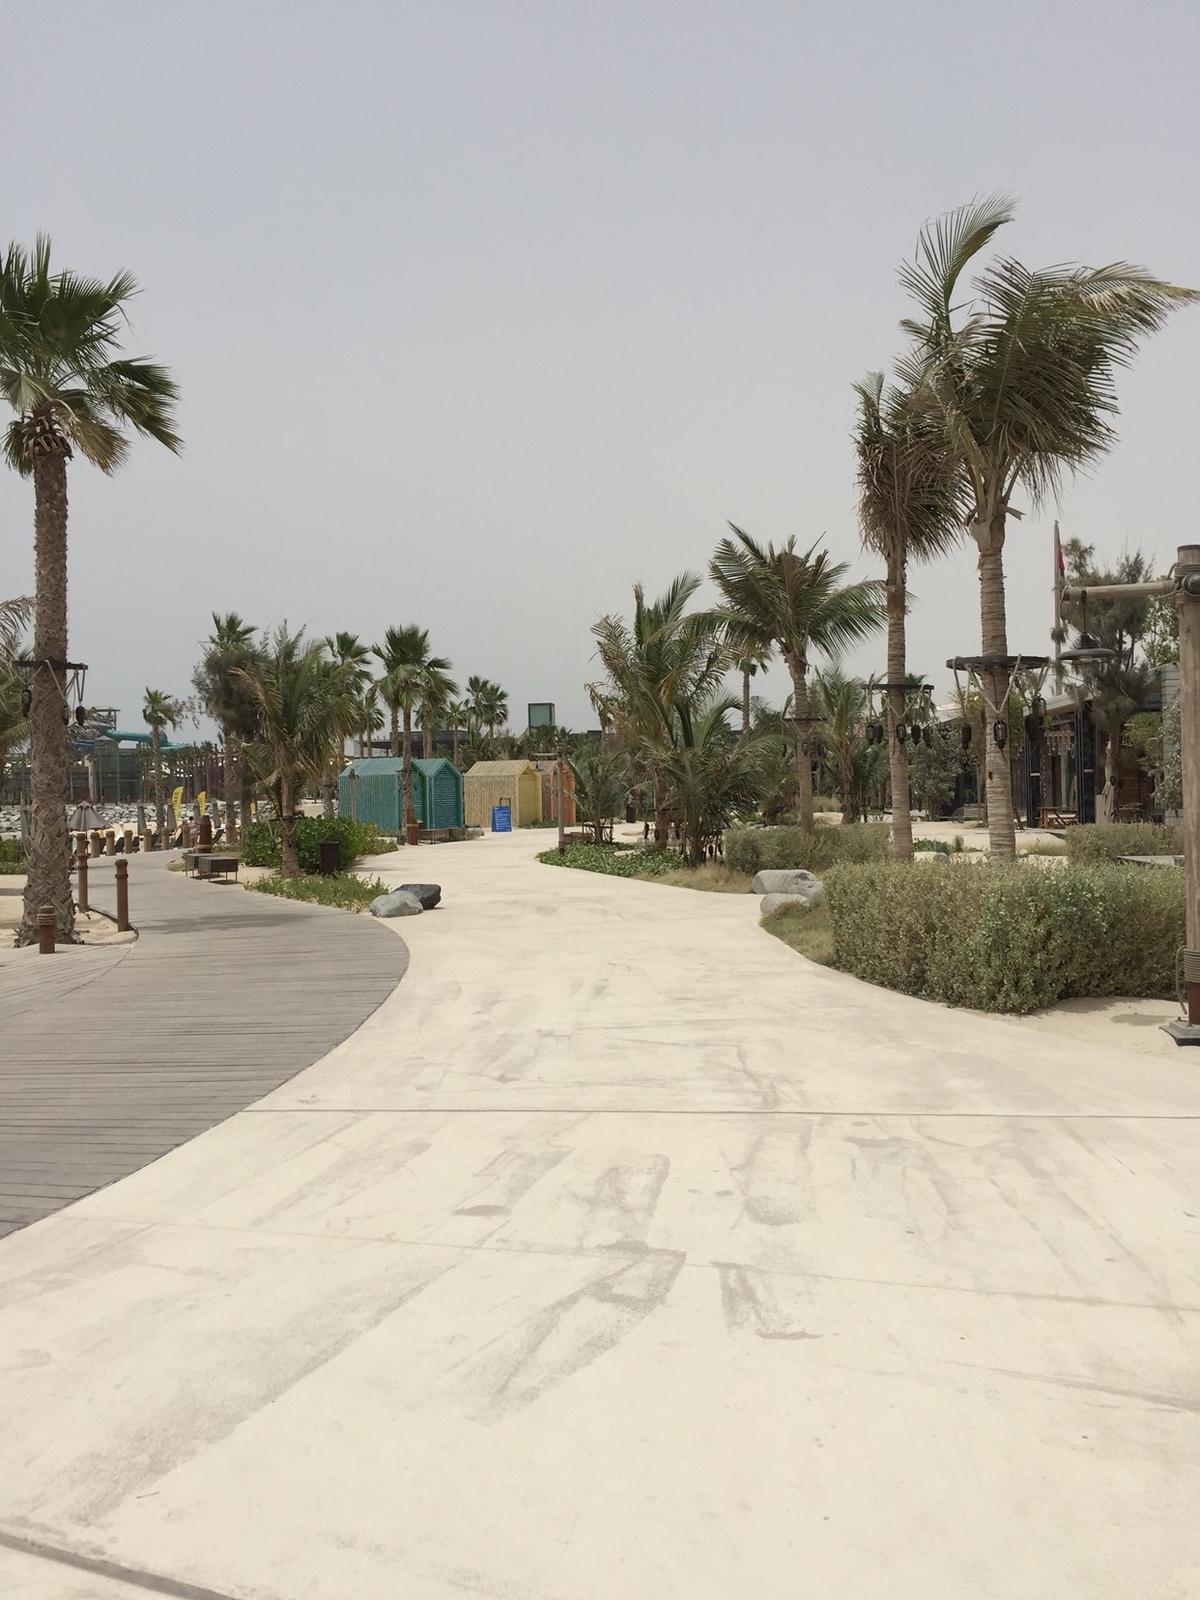 661630 المسافرون العرب دبي مدينة الجميرا